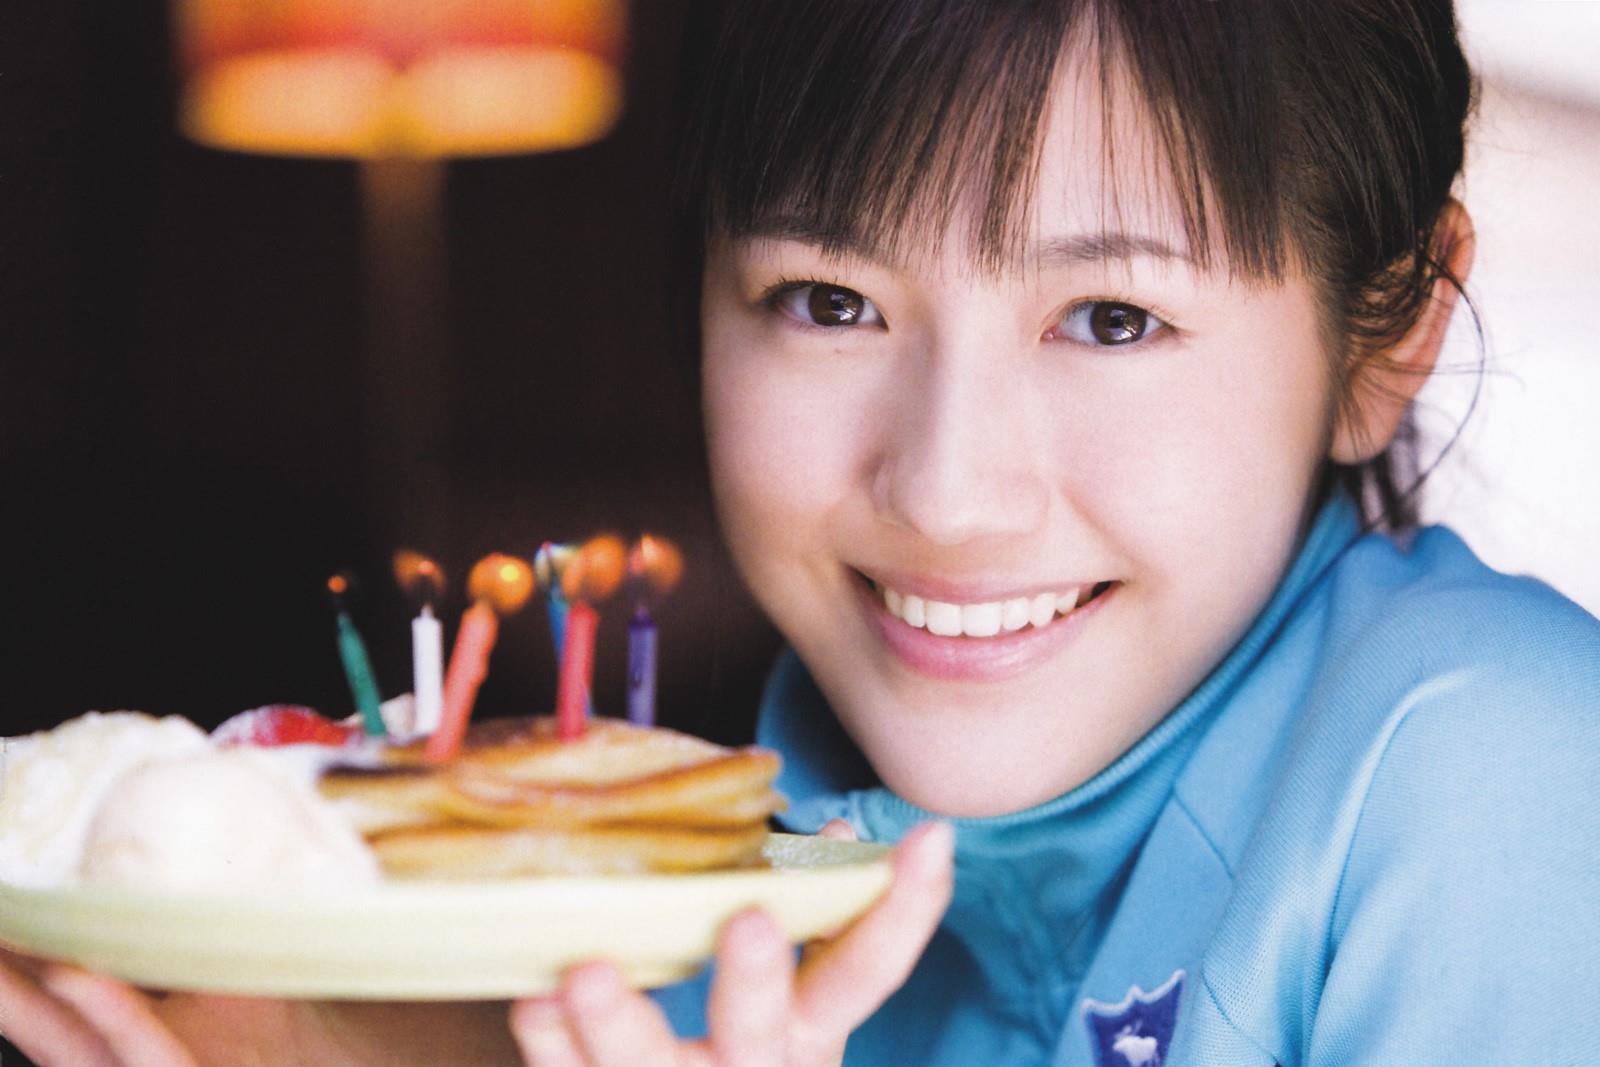 渡辺麻友 写真集「まゆゆ」 画像 88